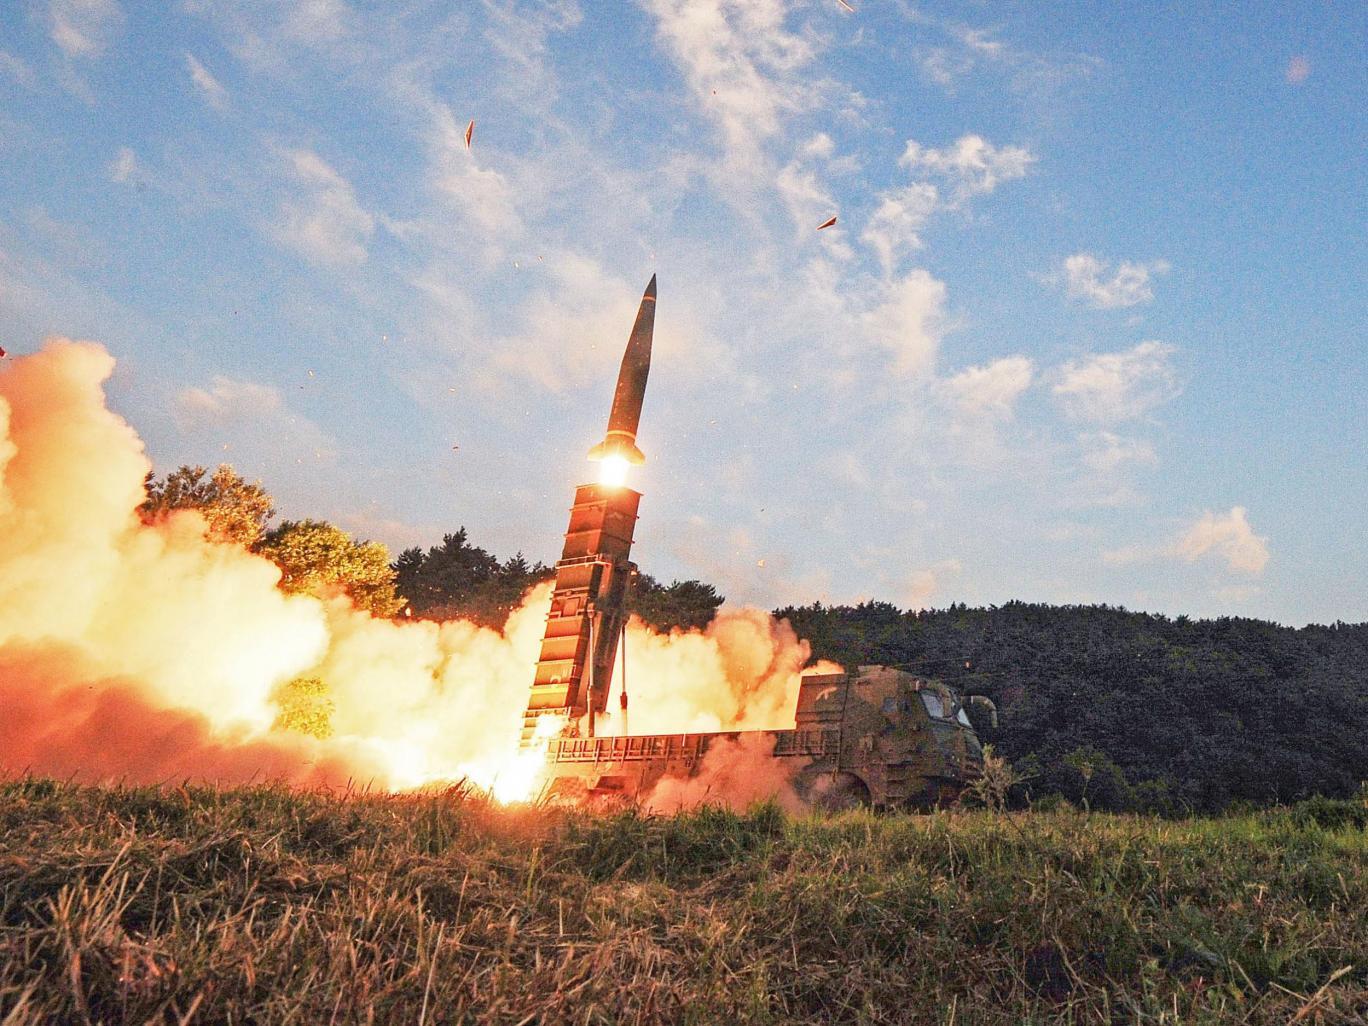 كوريا الشمالية تهدد بإغراق جزر يابانية بقنبلة نووية